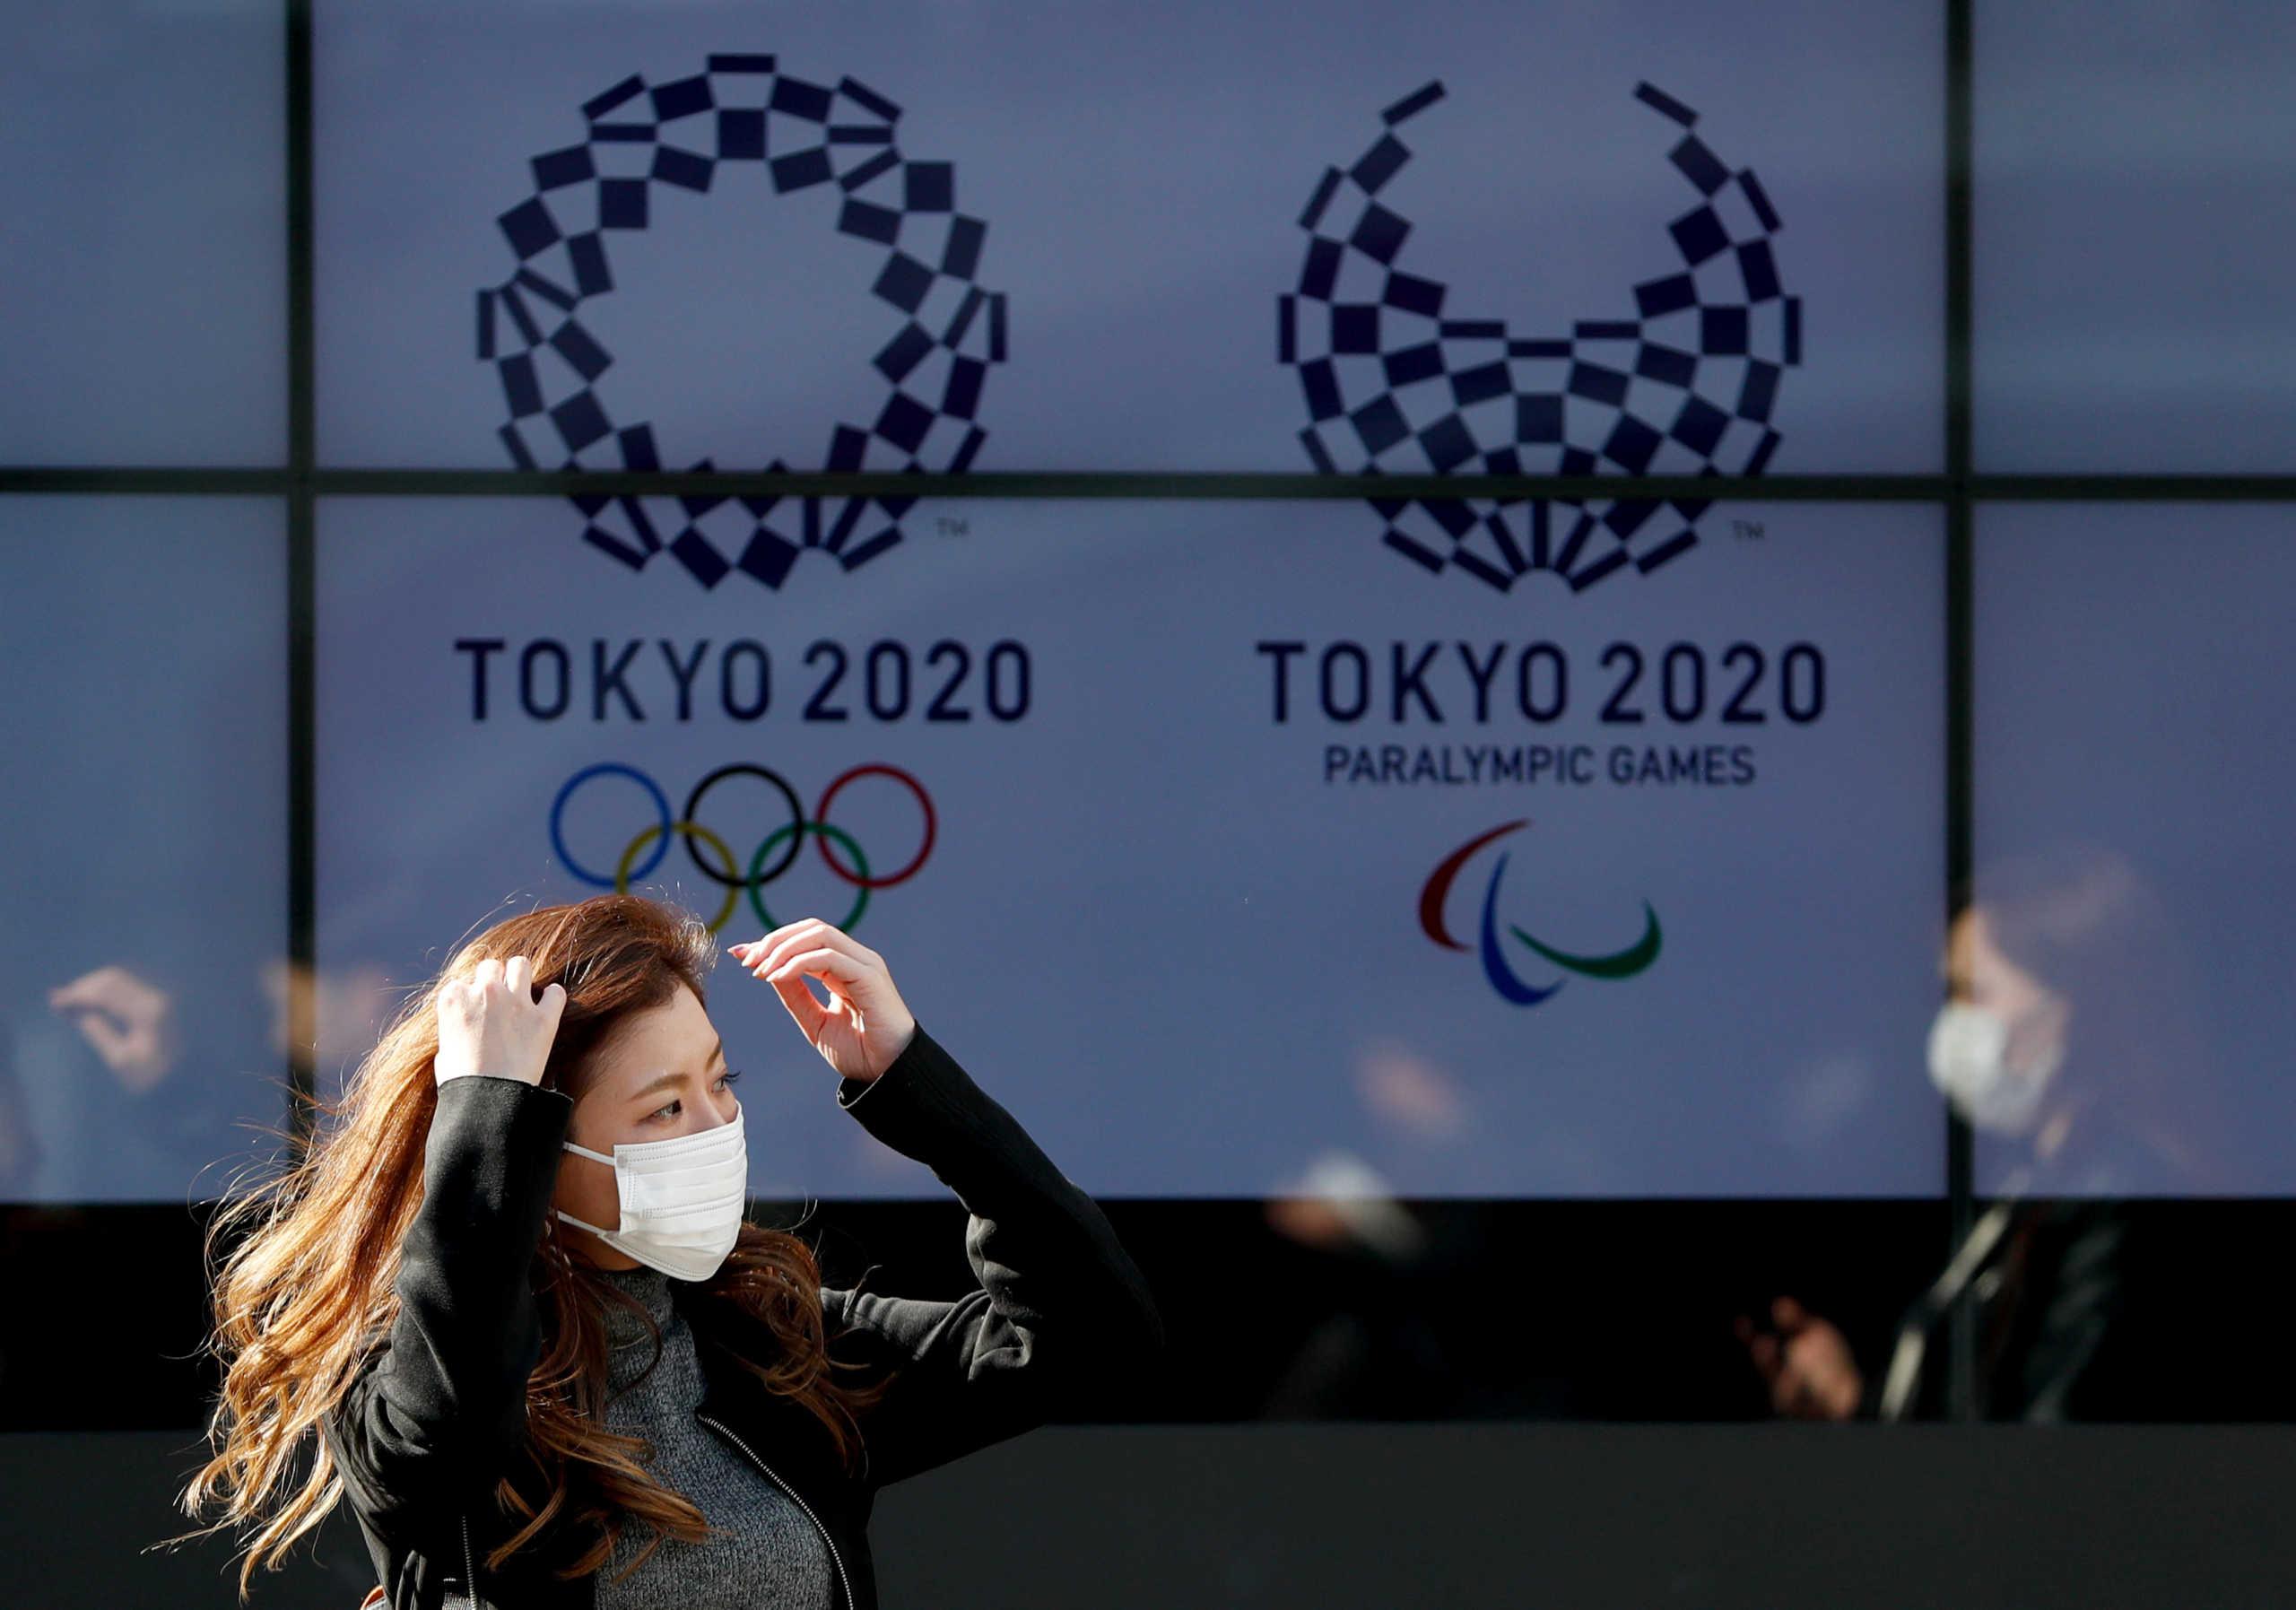 Όχι στους Ολυμπιακούς Αγώνες λέει το 77% των Ιαπώνων αφού ο κορονοϊός επελαύνει στη χώρα